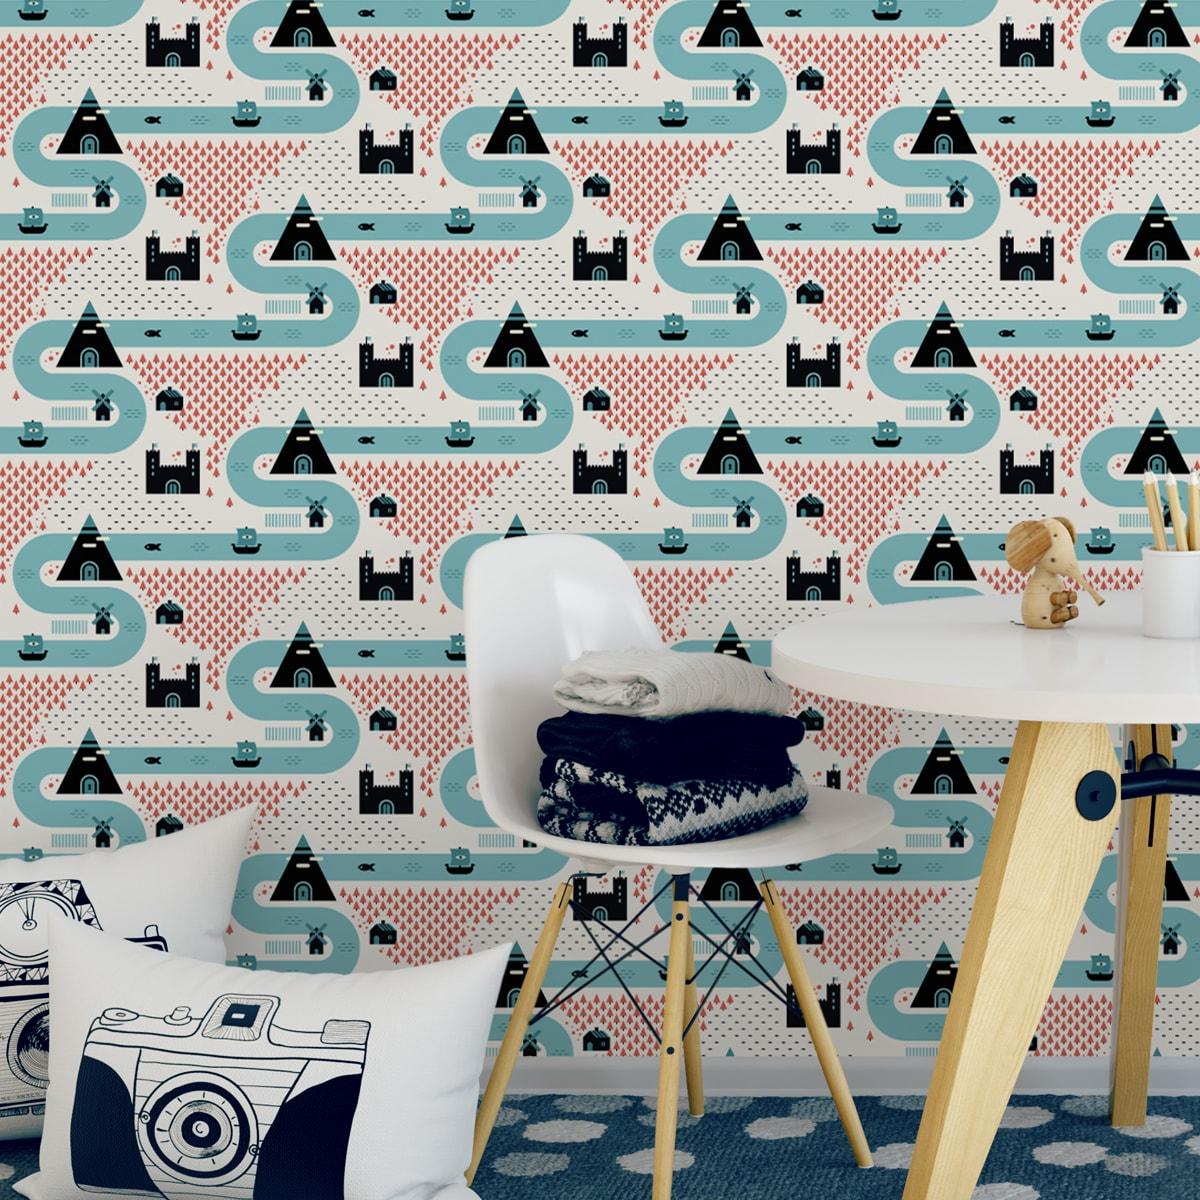 """Wandtapete creme: """"Weltenbummler"""" - Trend Tapete großes Muster mit Strassen, Burgen und Pyramiden auf weiß angepasst an Farrow and Ball Wandfarben- Vliestapete Kinder"""